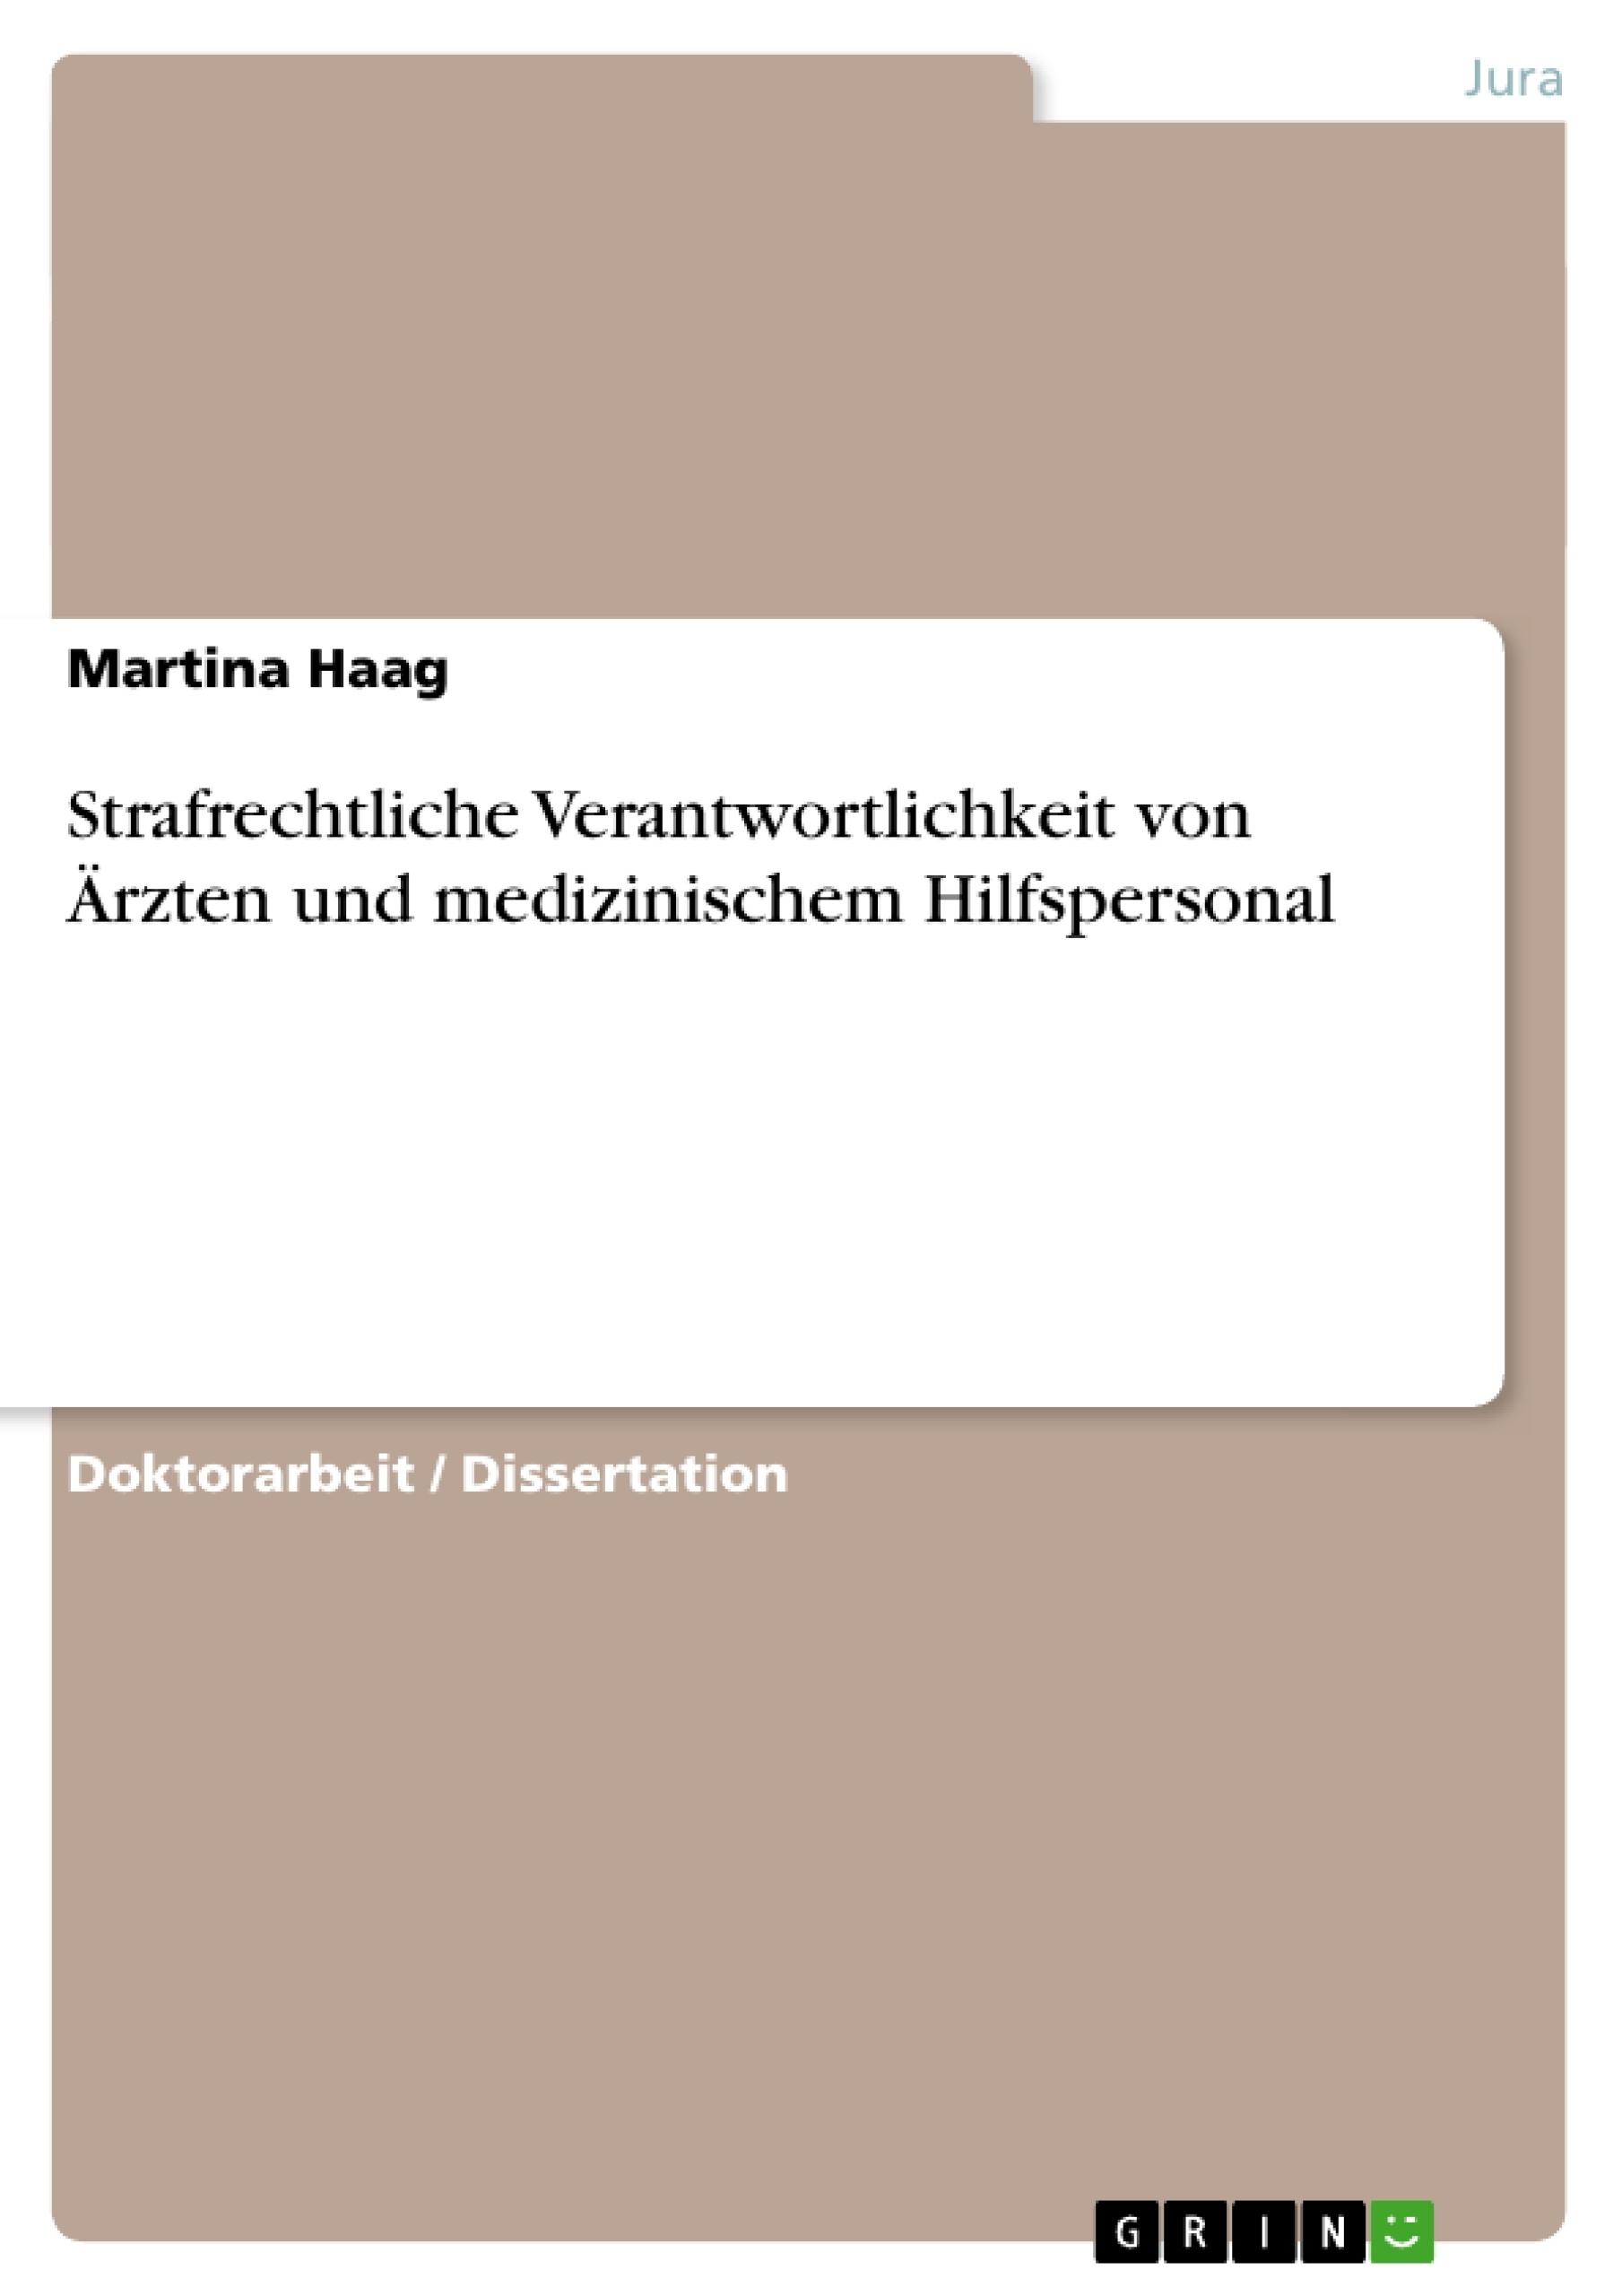 Titel: Strafrechtliche Verantwortlichkeit von Ärzten und medizinischem Hilfspersonal